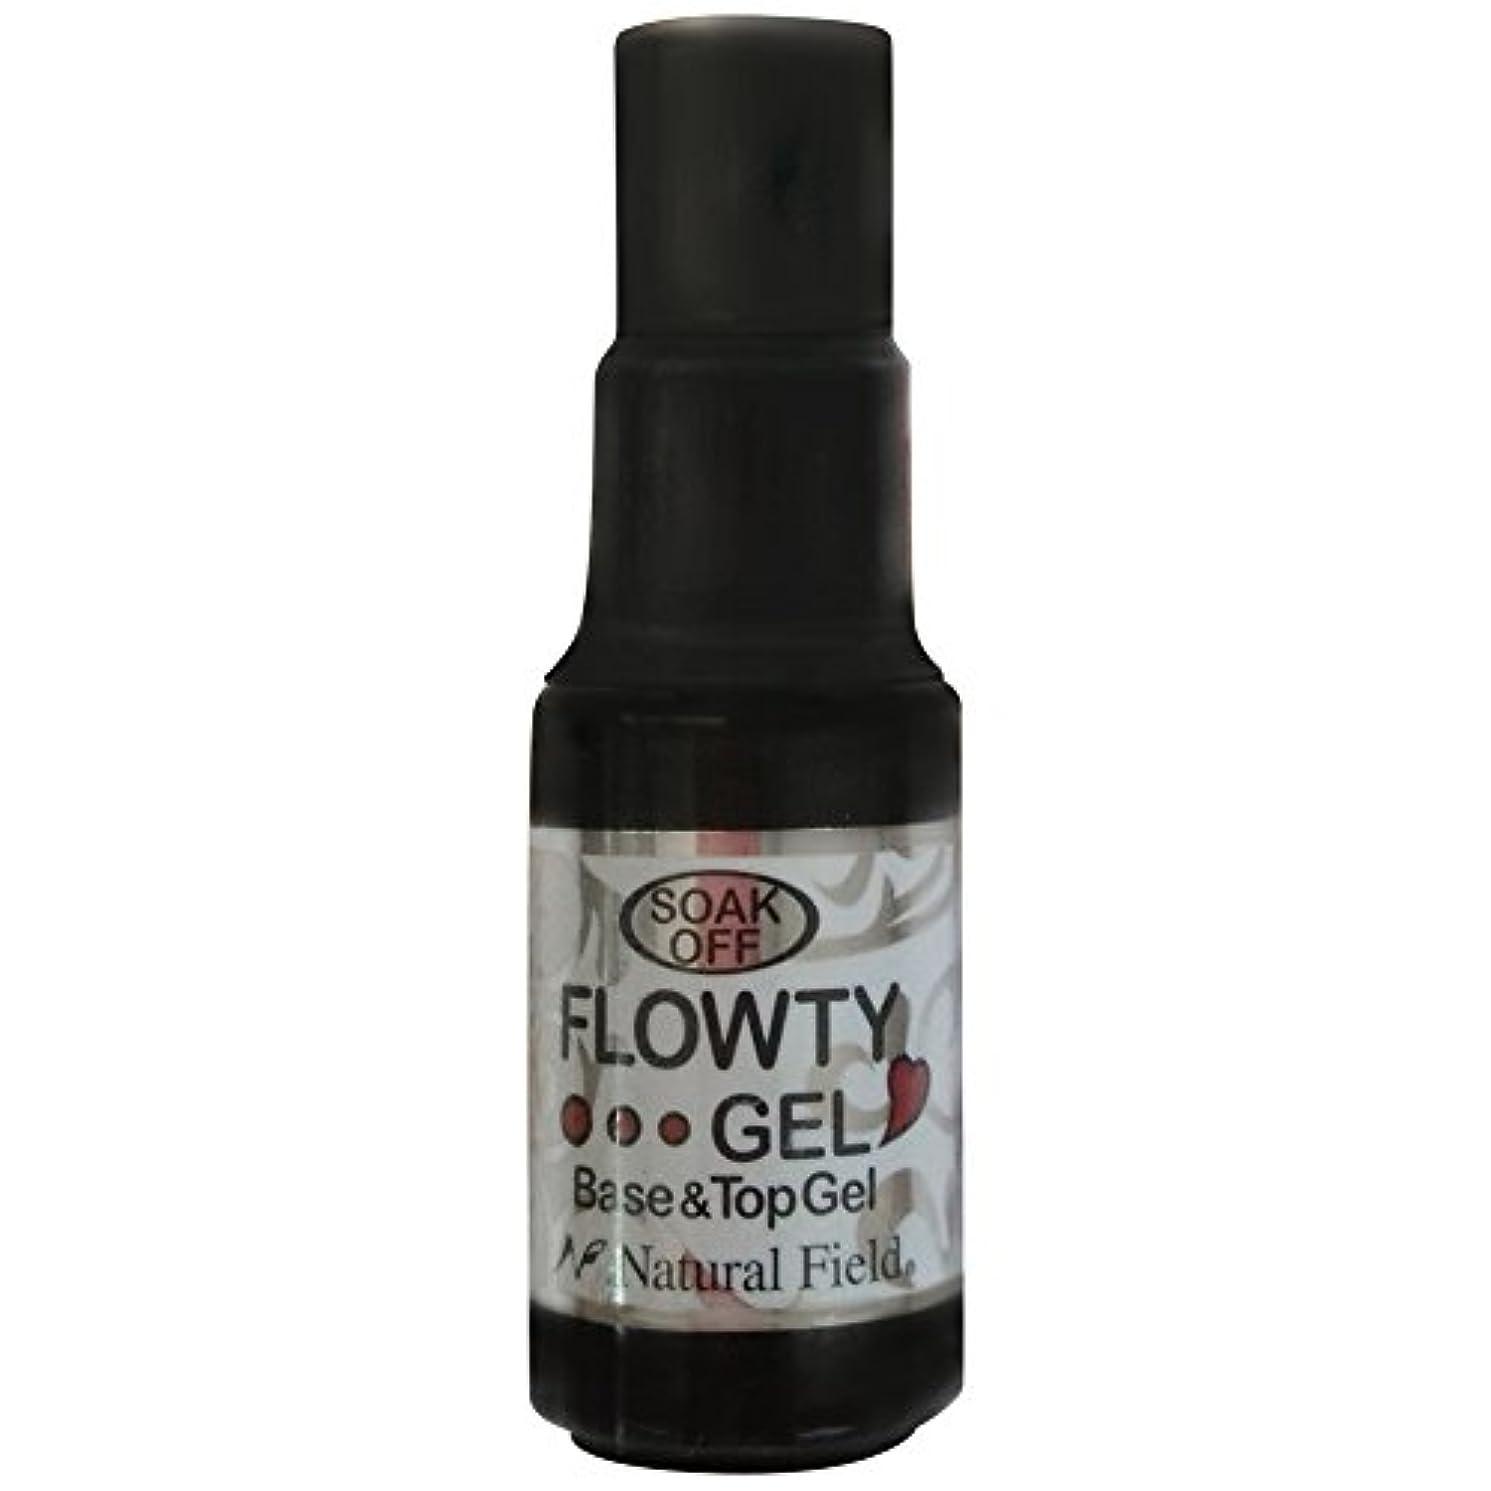 ベンチャースペシャリスト簿記係Natural Field Melty Gel フローティジェル 4100 ベース&トップジェル 7ml